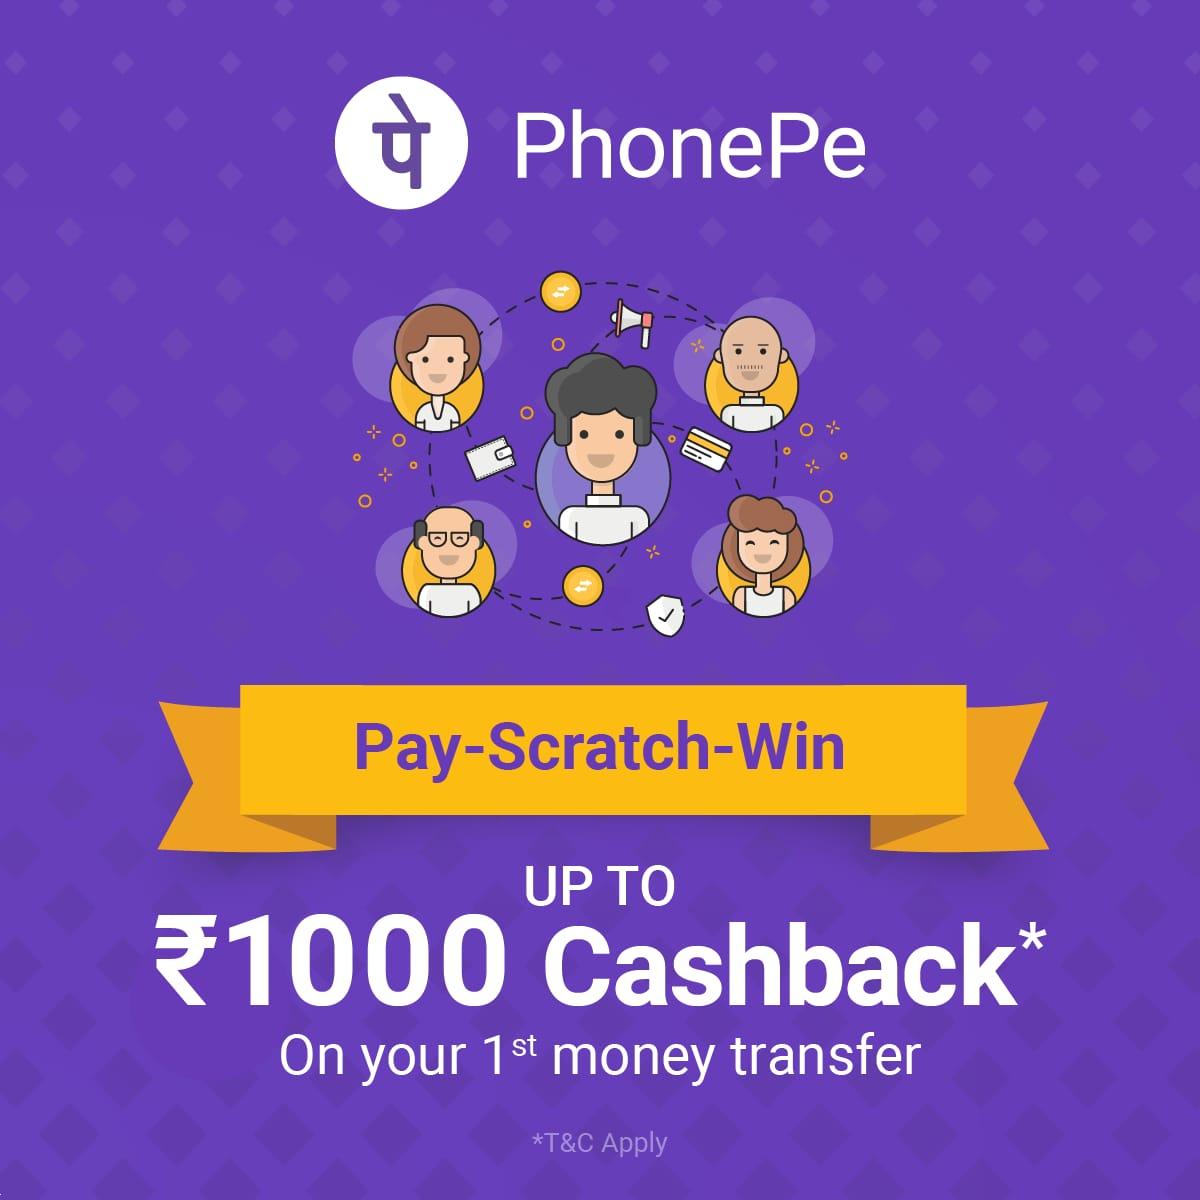 PhonePe App ― Refer & Earn Upto ₹1000